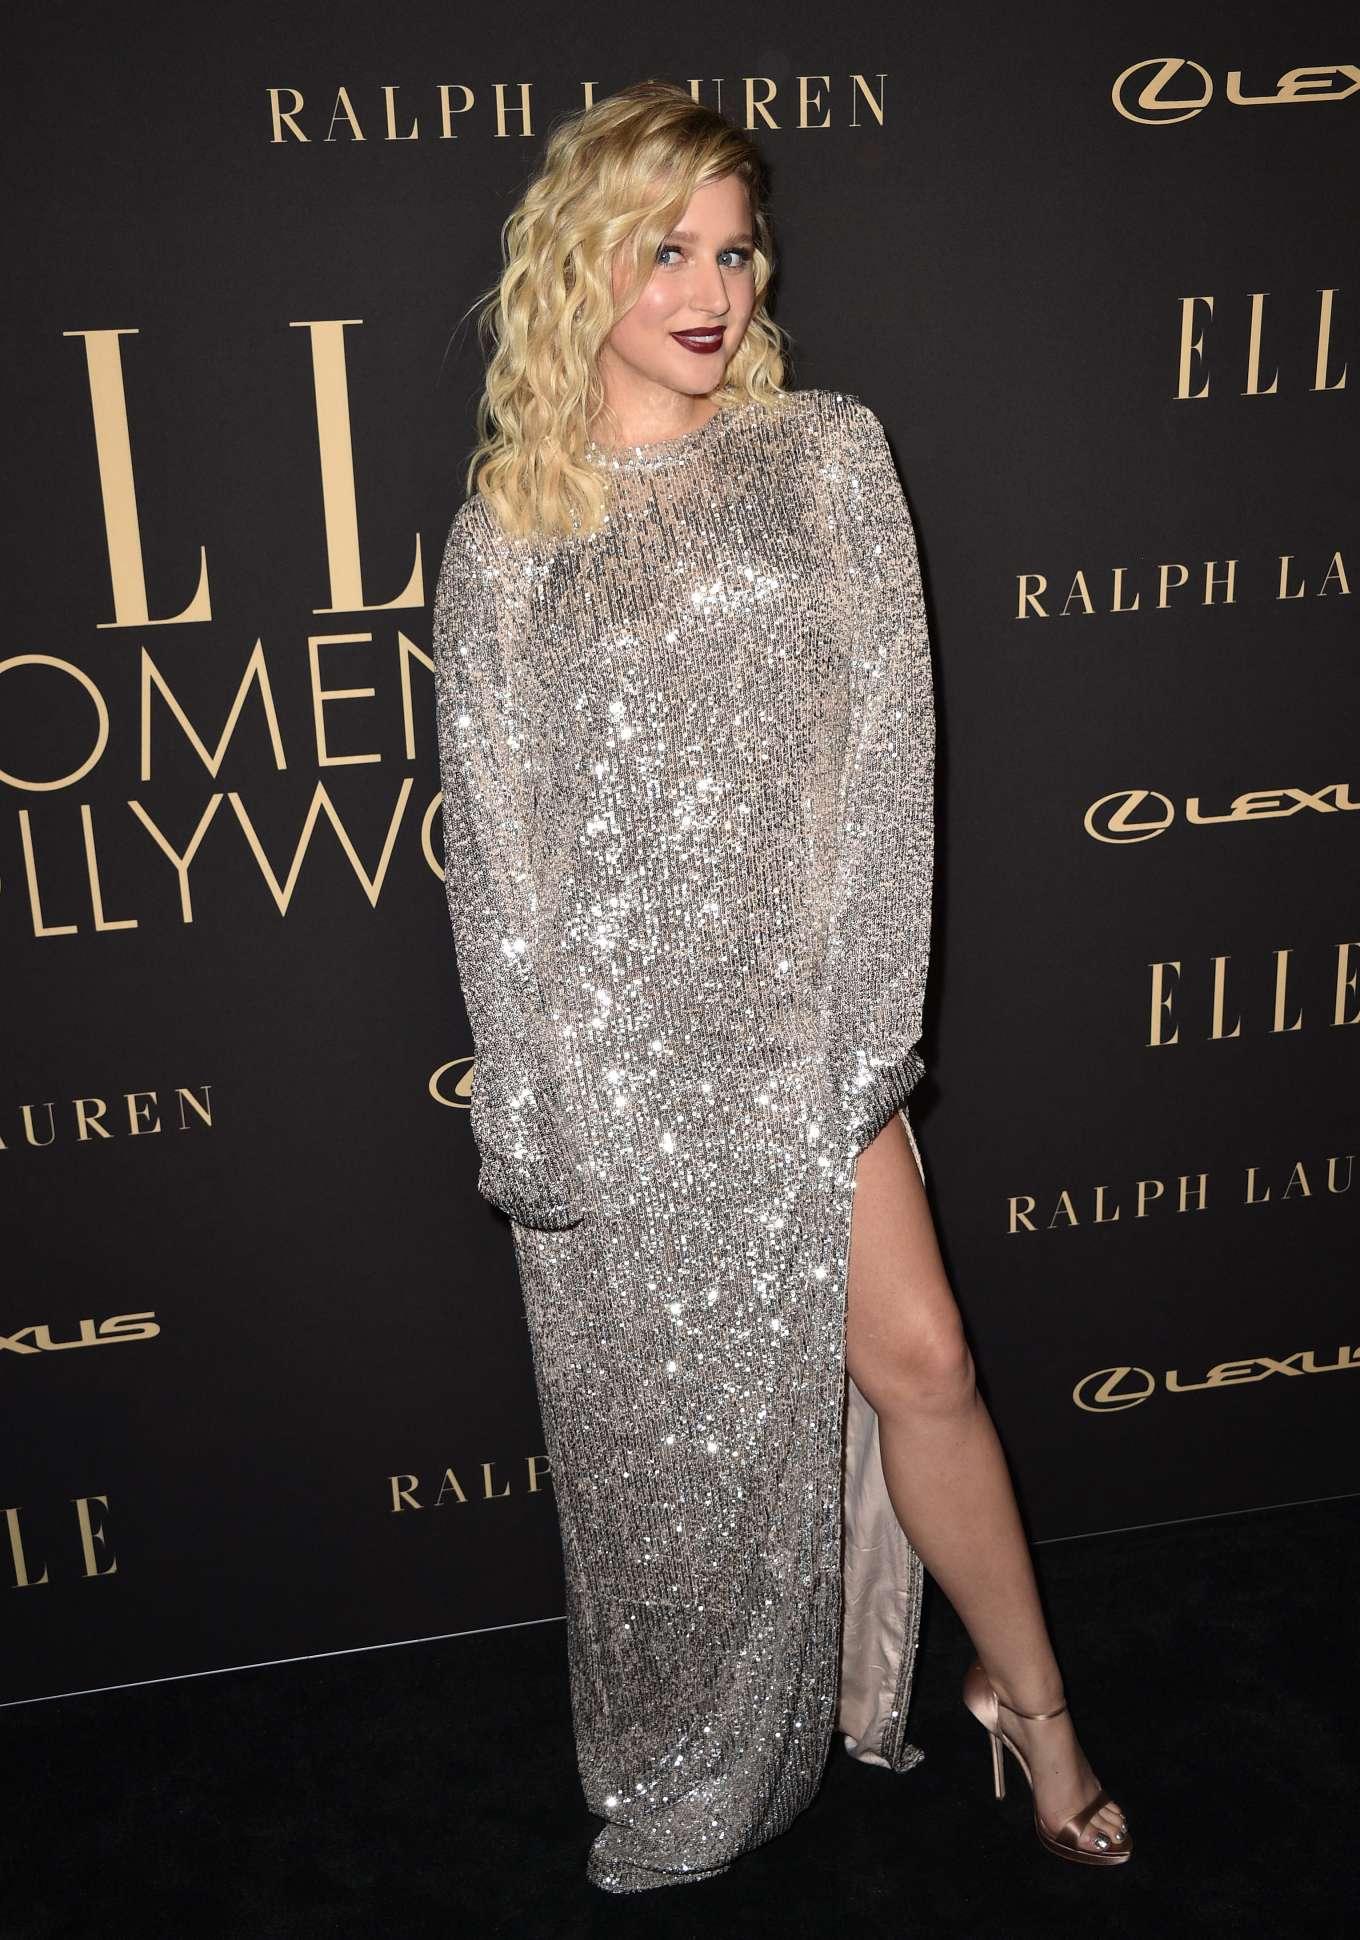 Julia Schlaepfer - ELLE's 26th Annual Women in Hollywood Celebration in LA